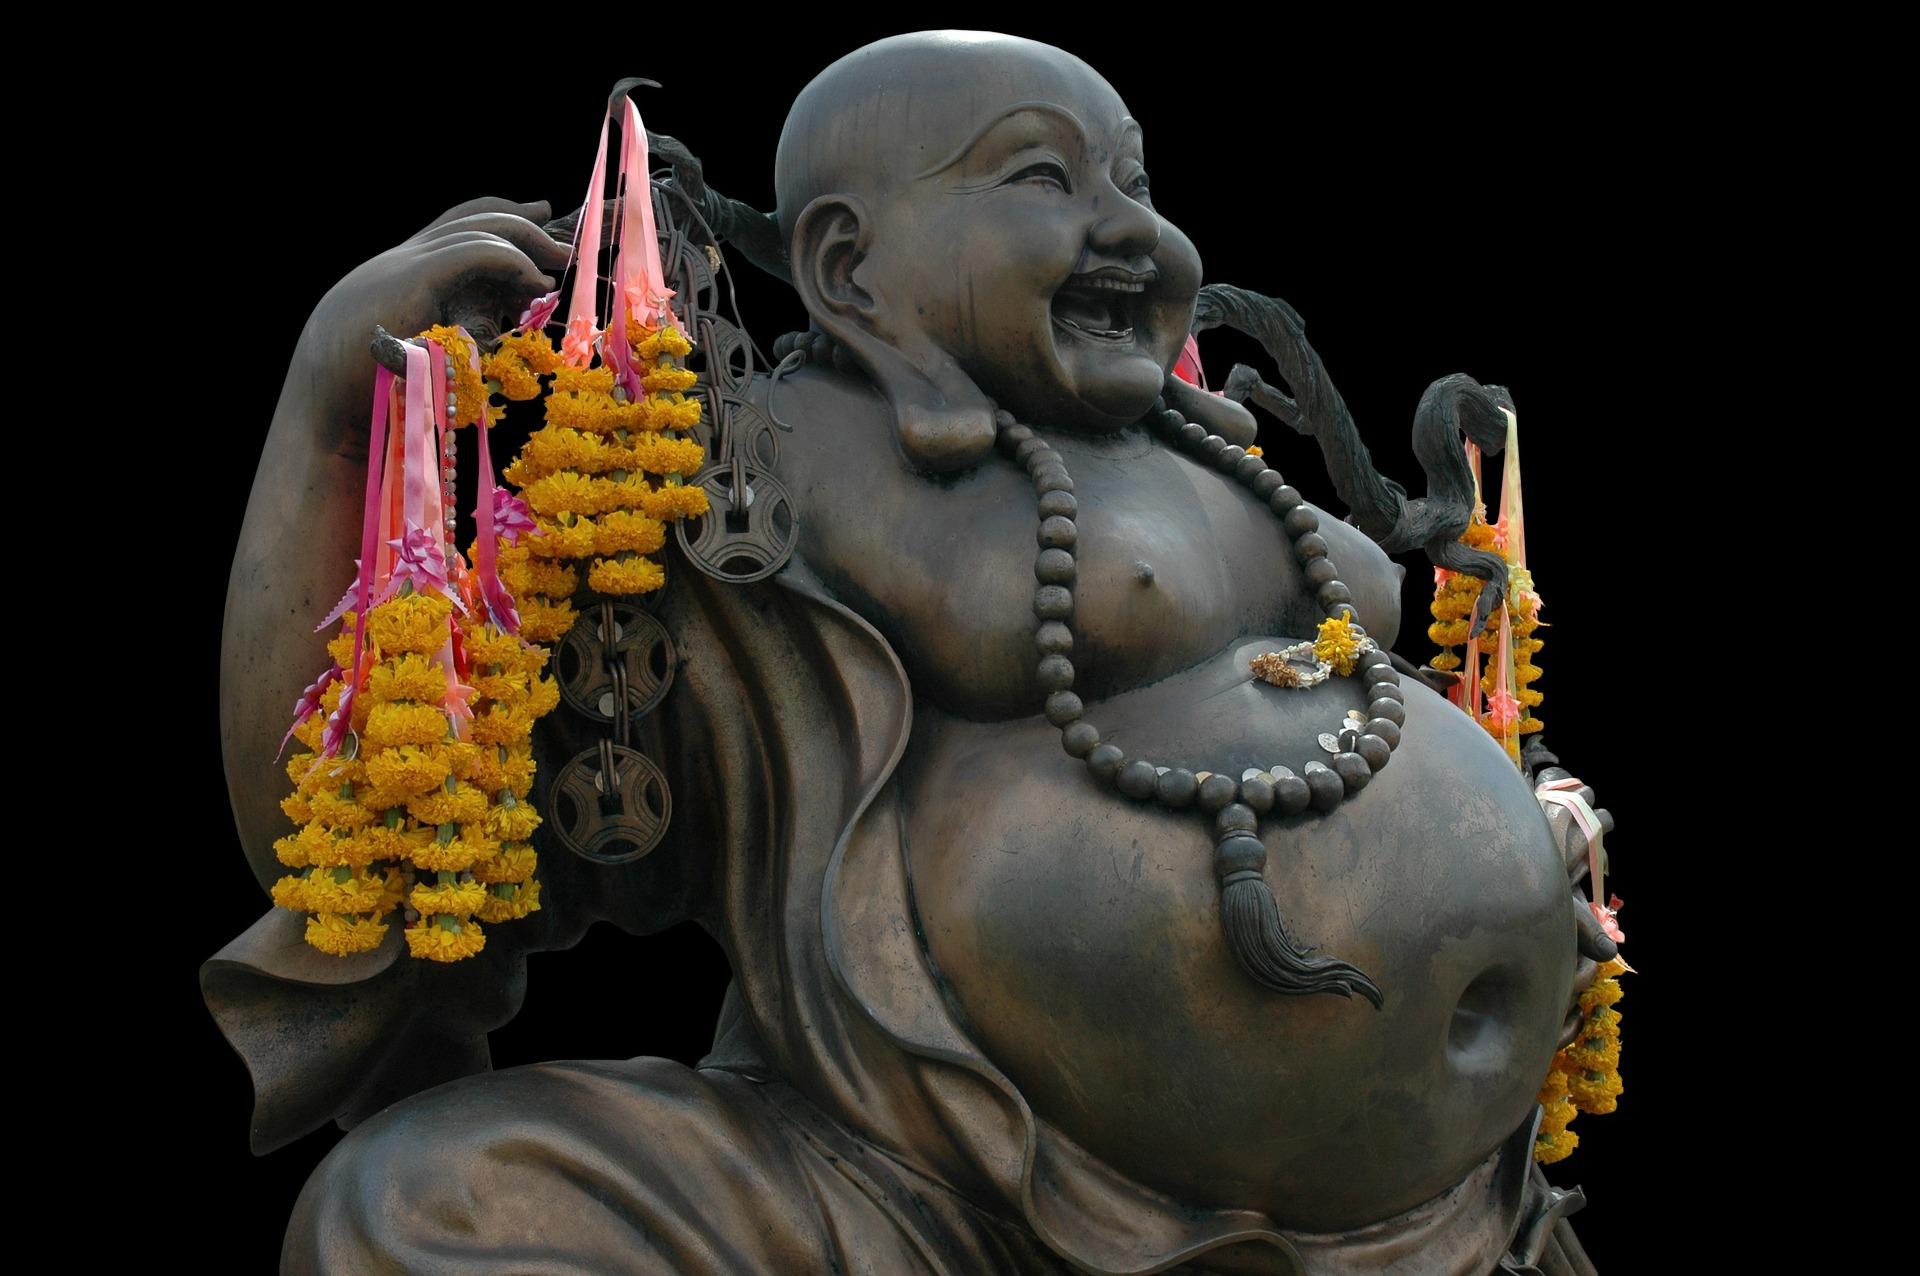 Otyłość i redukcja masy ciała - Budda z dużym brzuchem